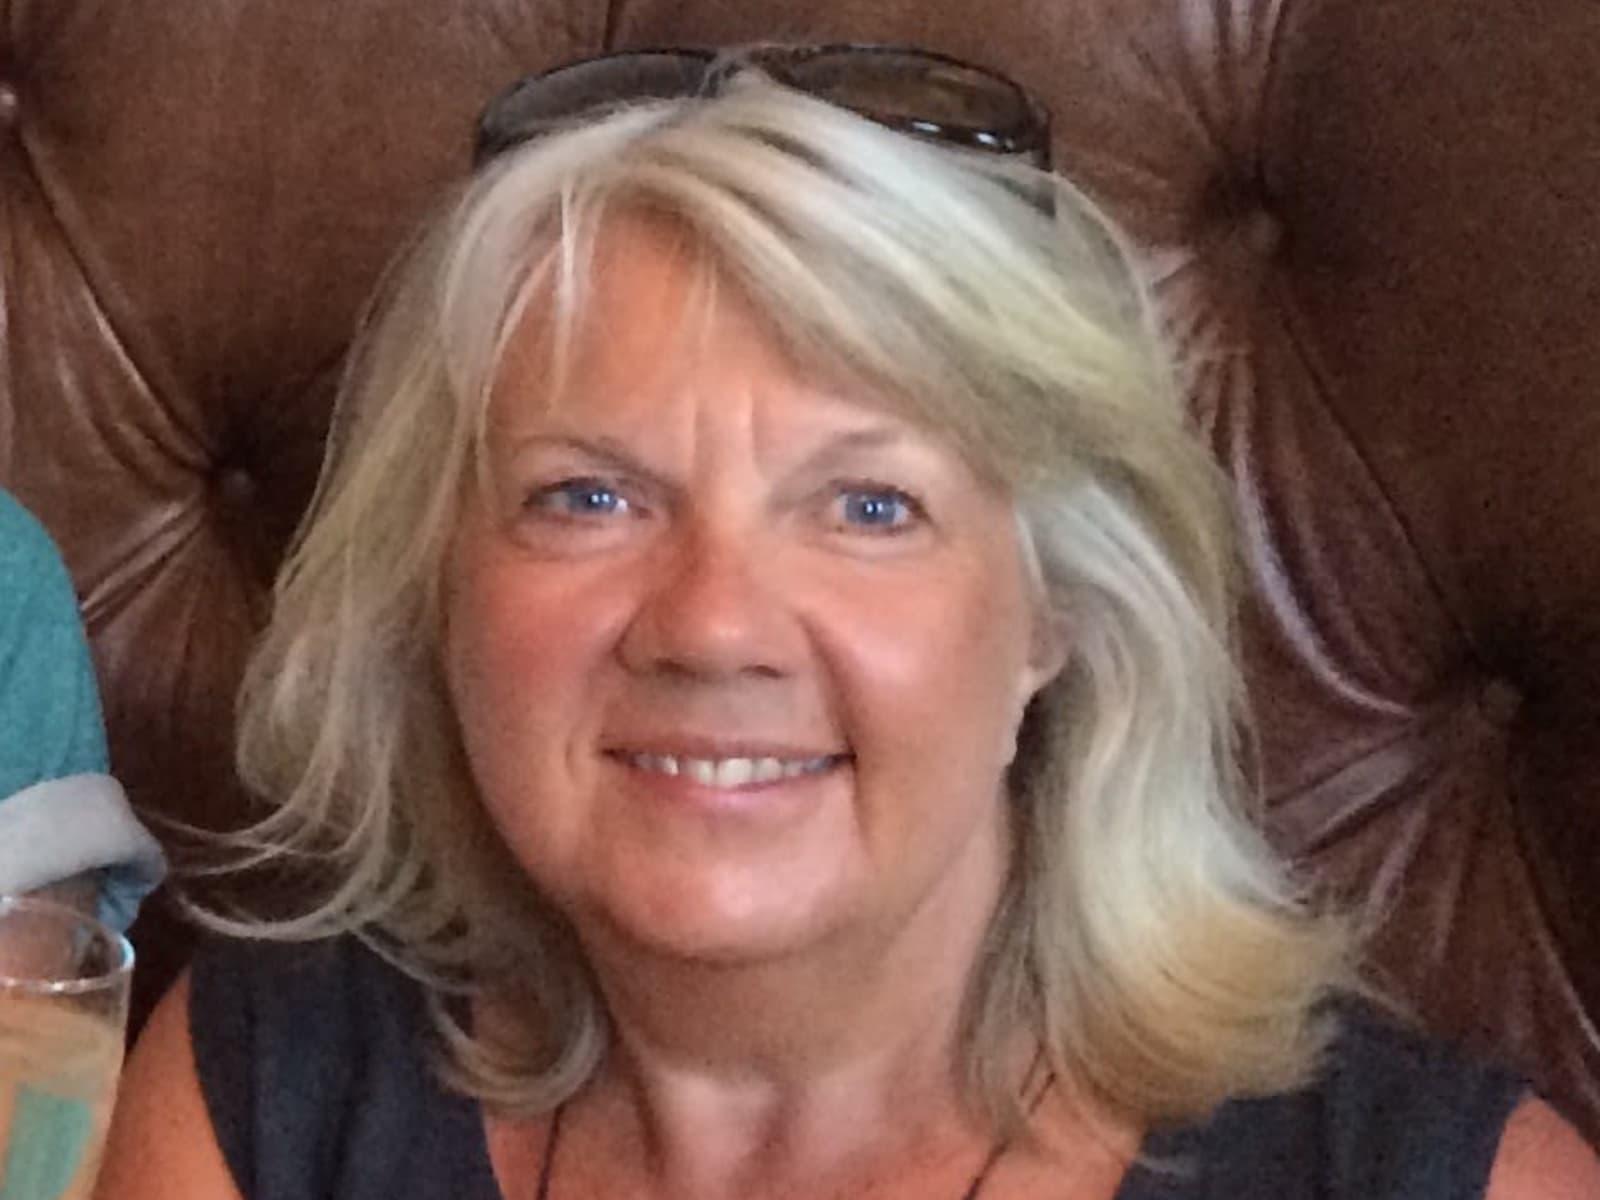 Liz from Leatherhead, United Kingdom